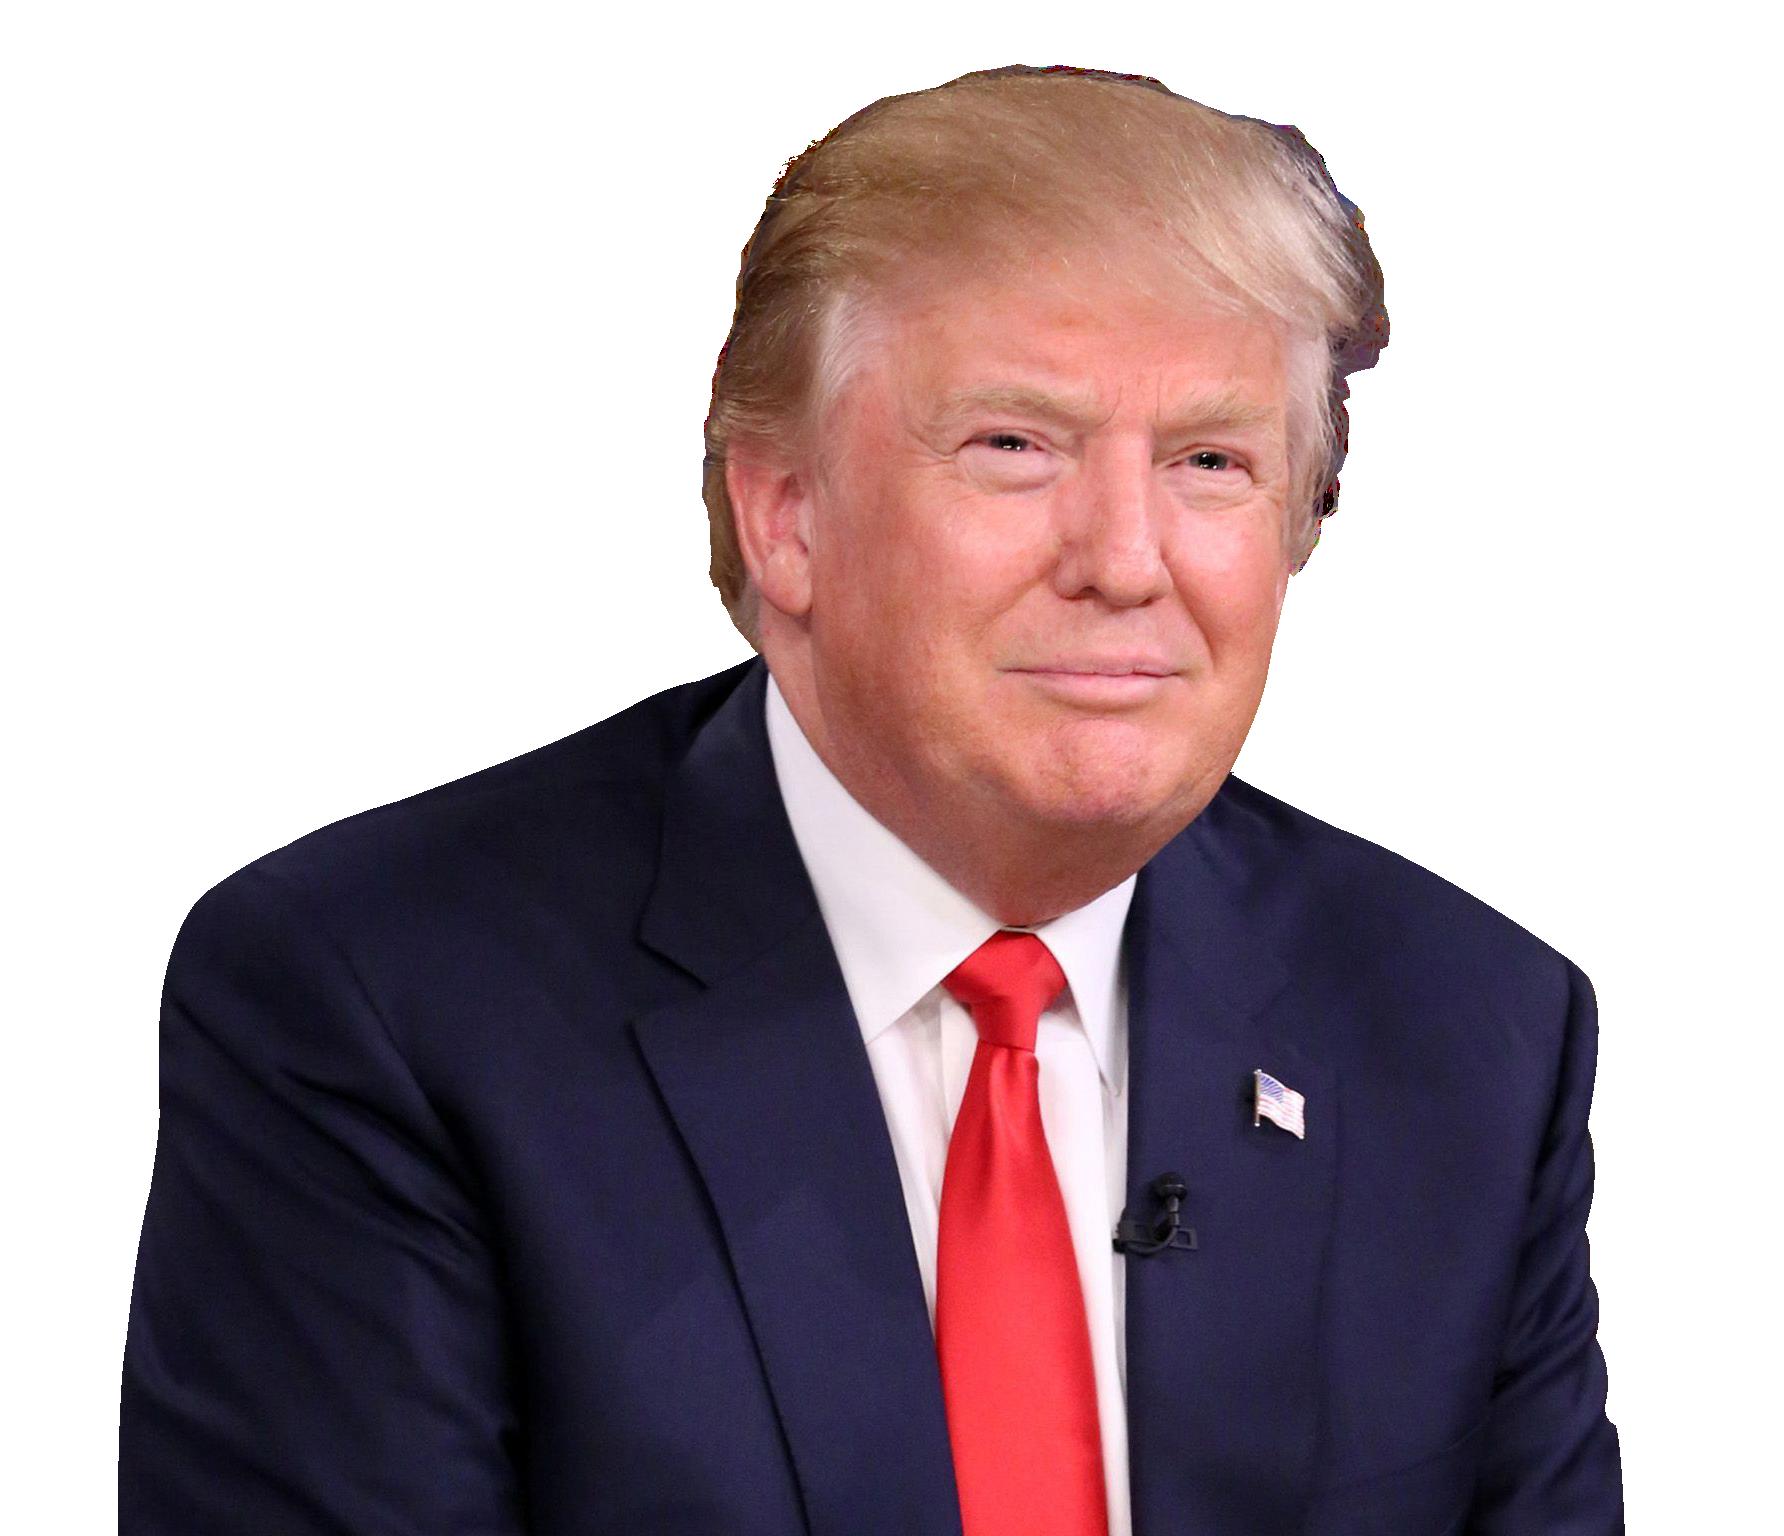 Donald Trump PNG - 13524